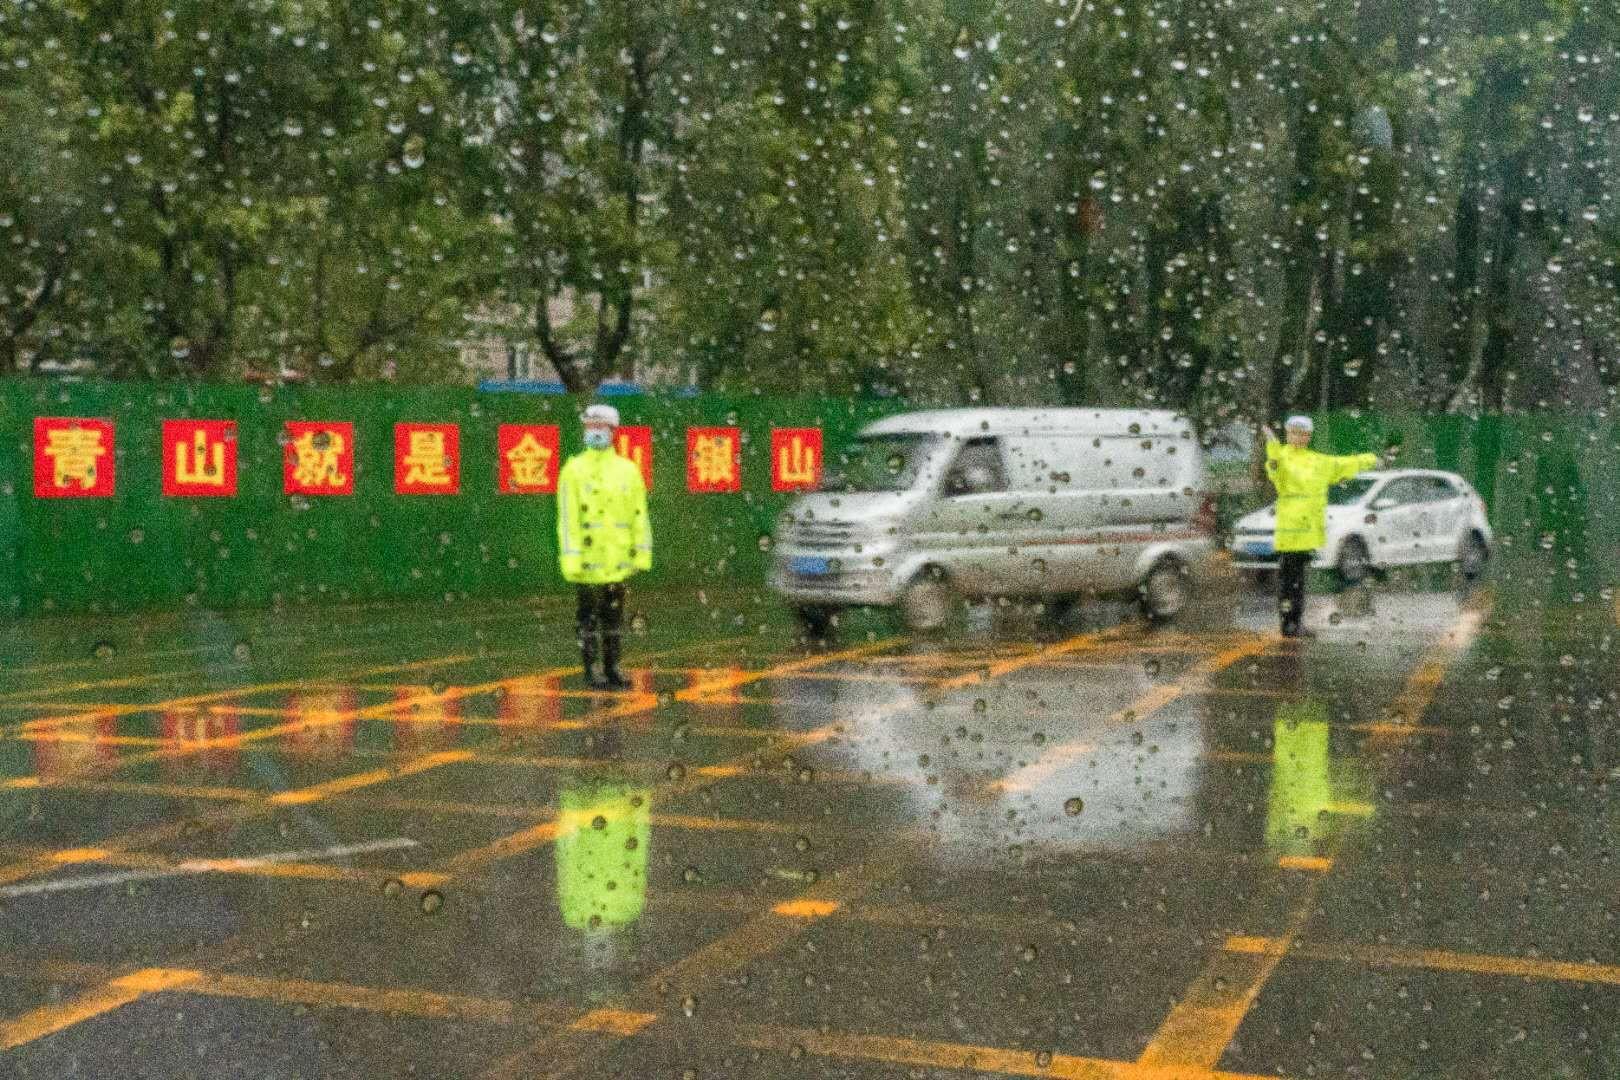 馆陶大队民警冒雨指挥疏导交通